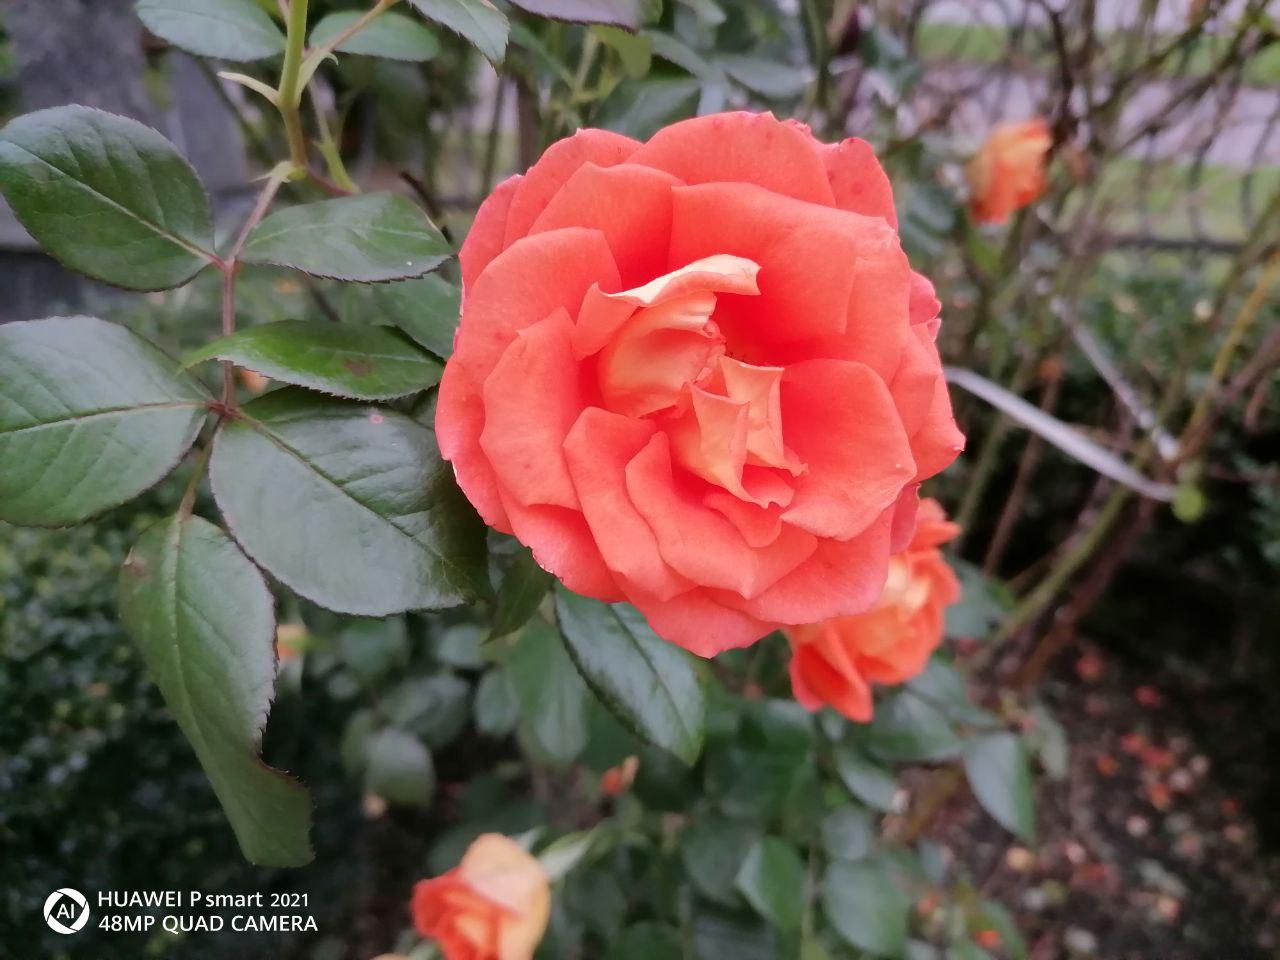 photo_2020-10-20 13.35.42.jpeg